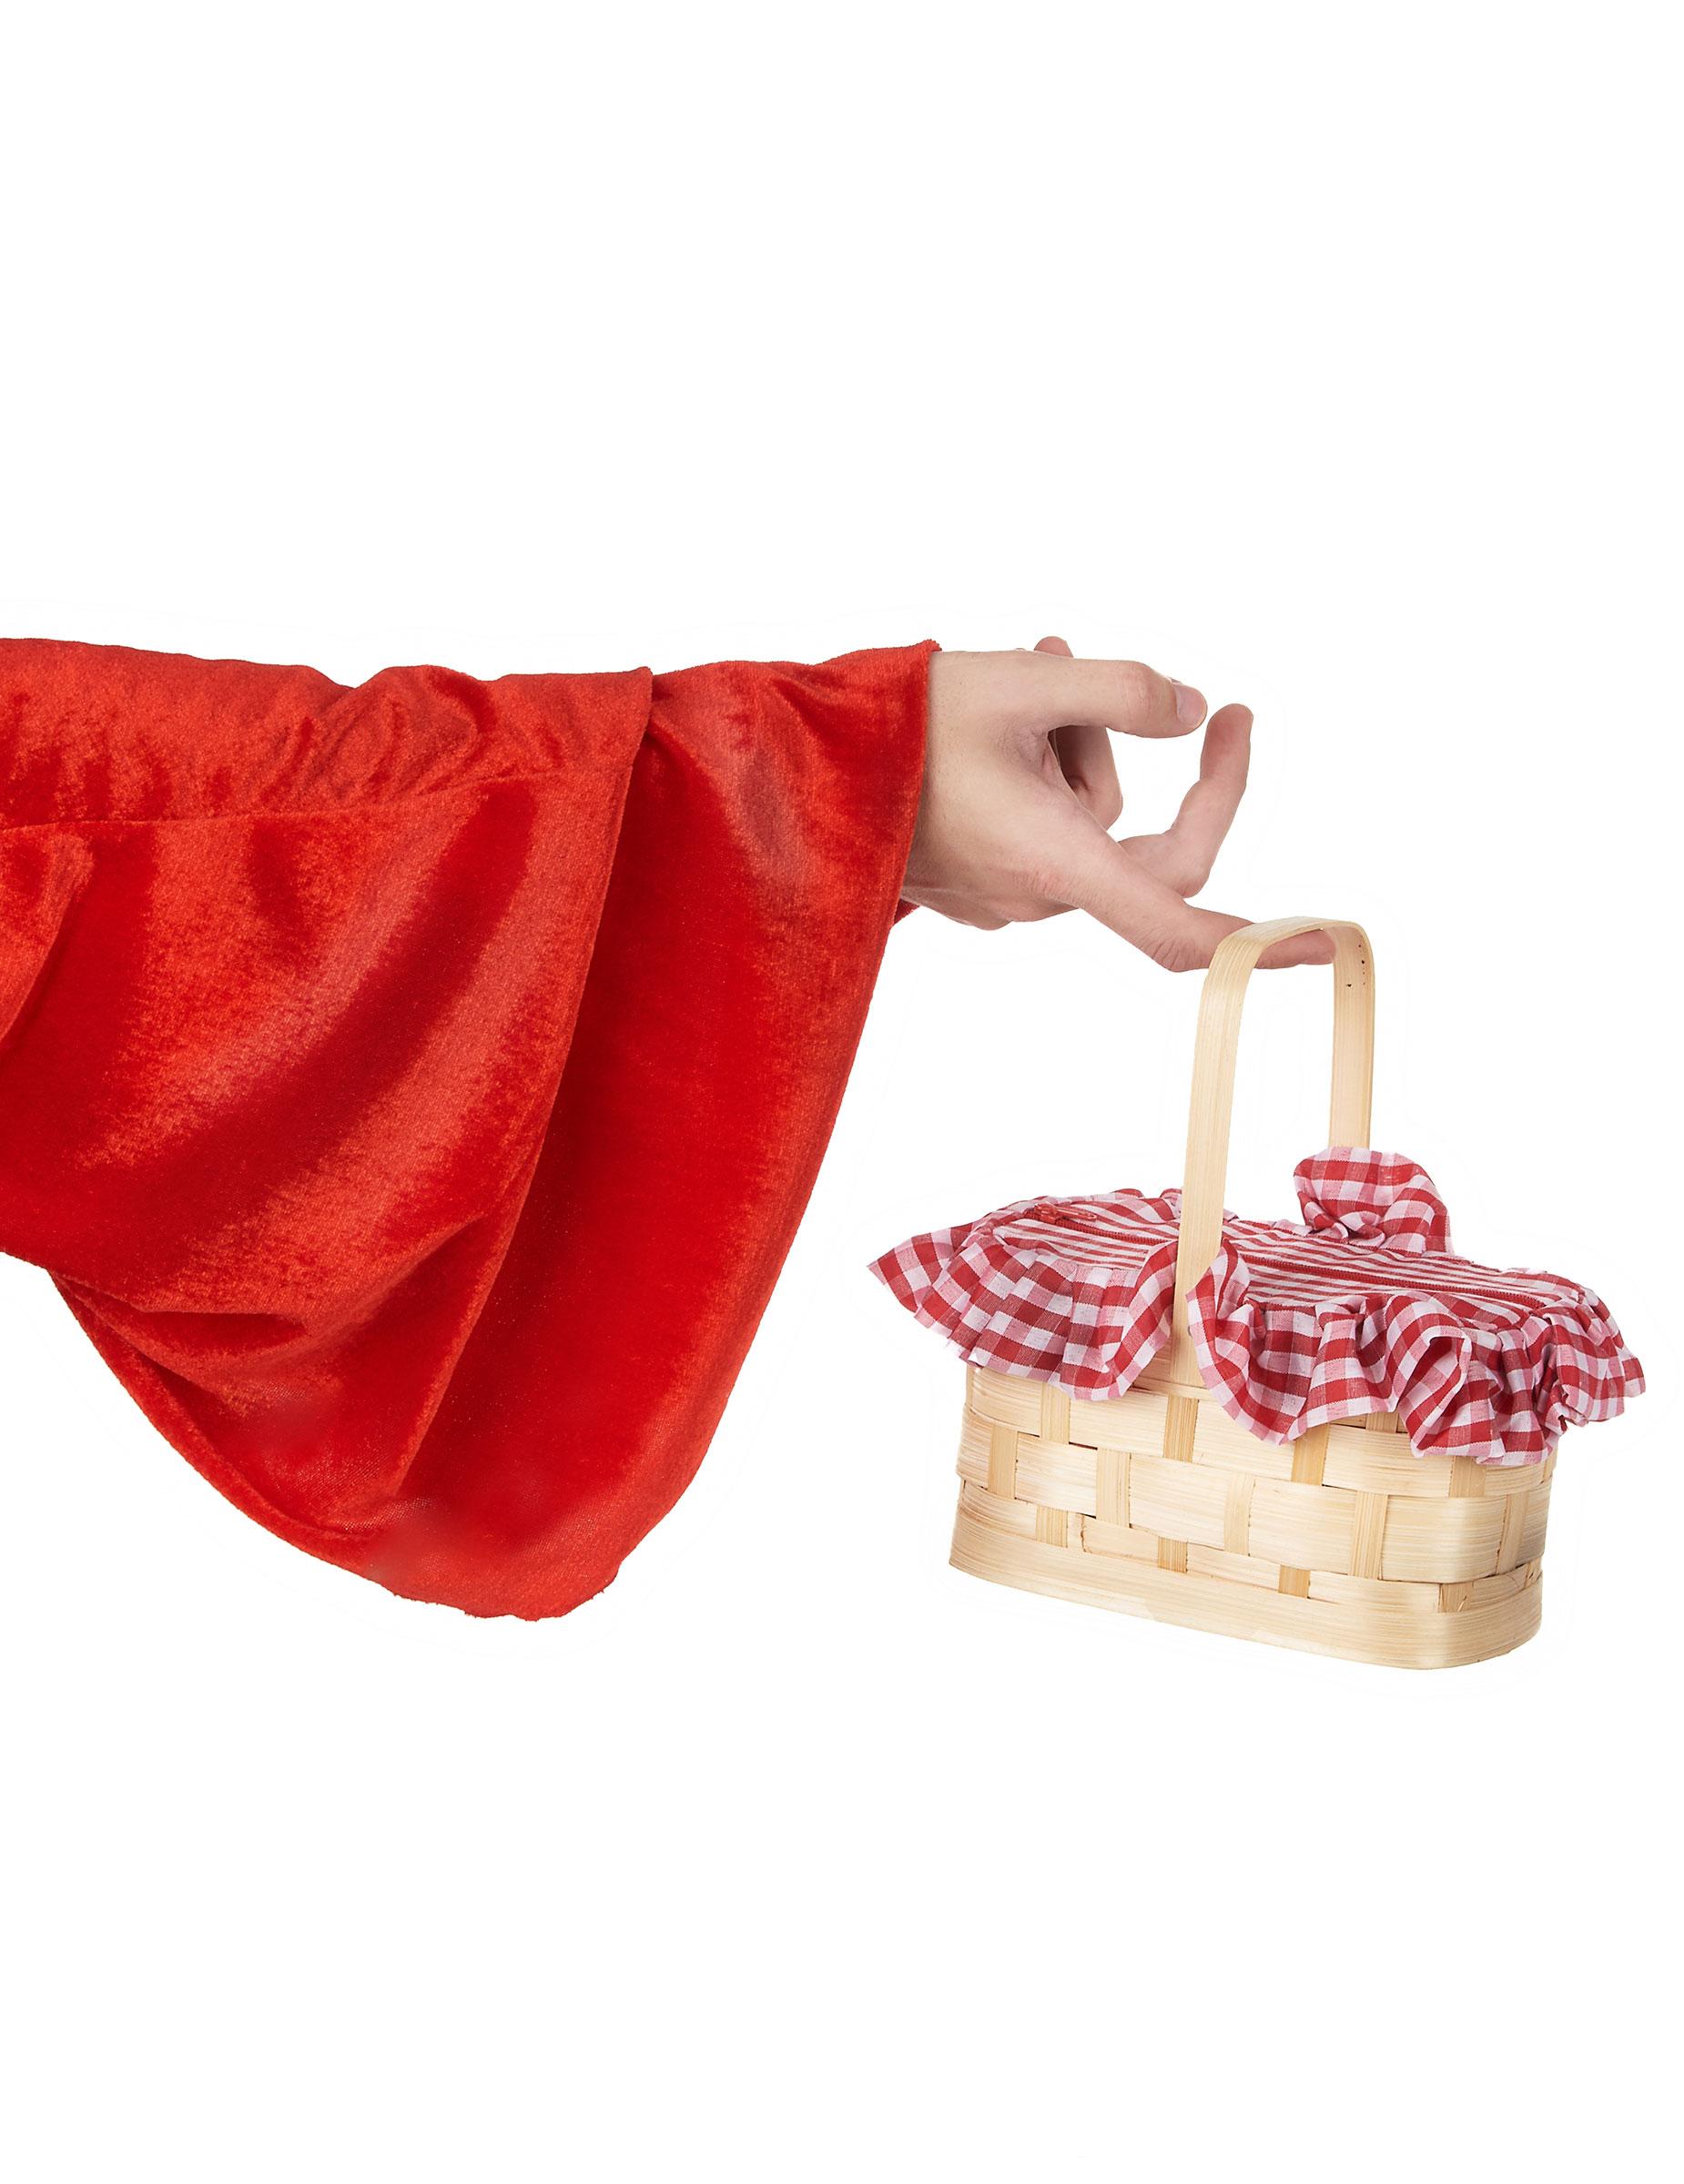 panier pique nique achat de accessoires sur vegaoopro grossiste en d guisements. Black Bedroom Furniture Sets. Home Design Ideas